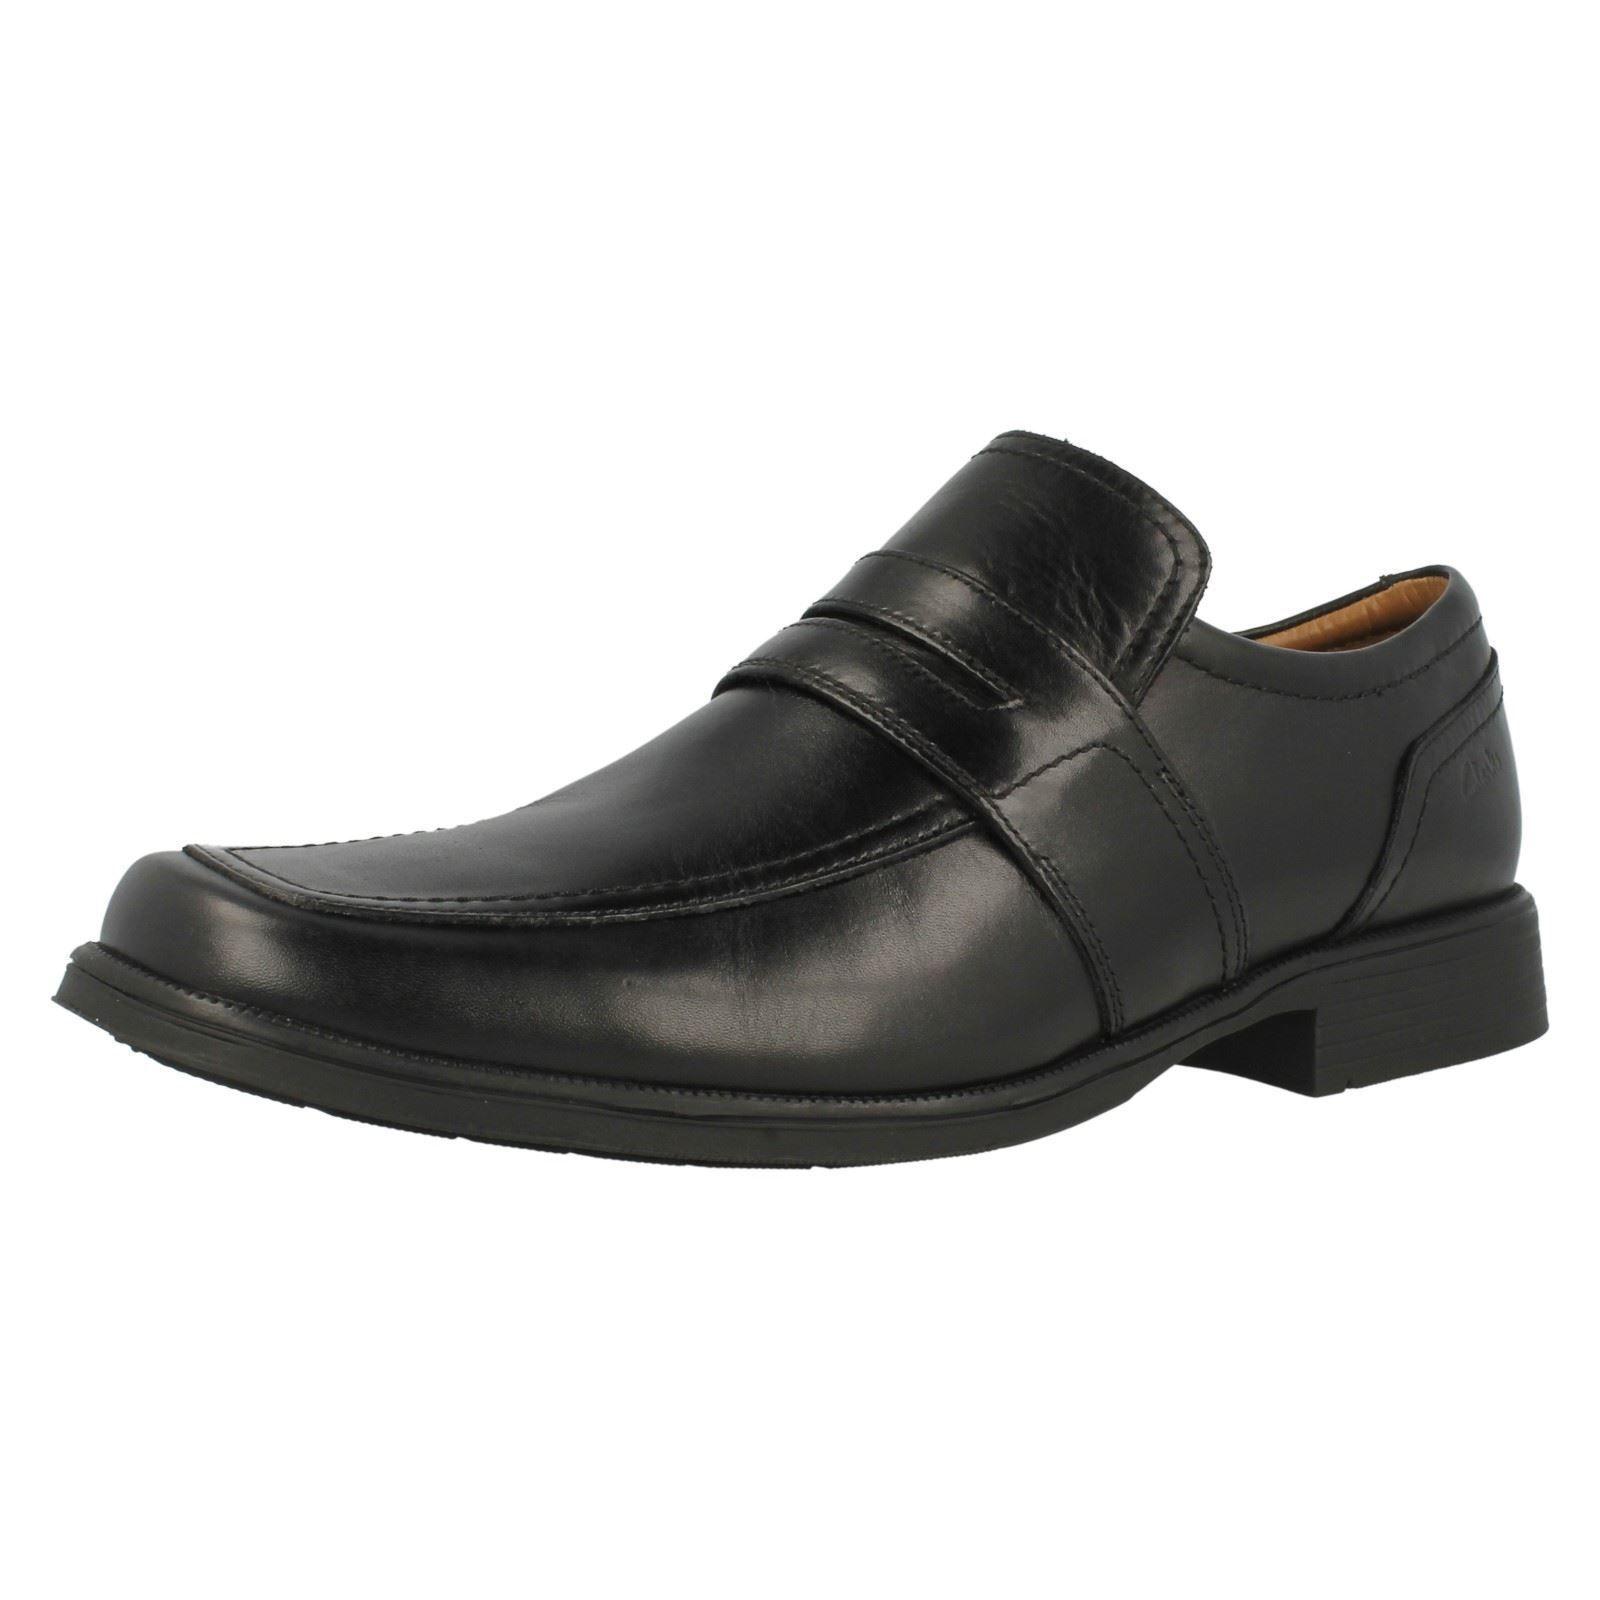 Men's Clarks Formal Leather Slip On shoes -  Huckley Work